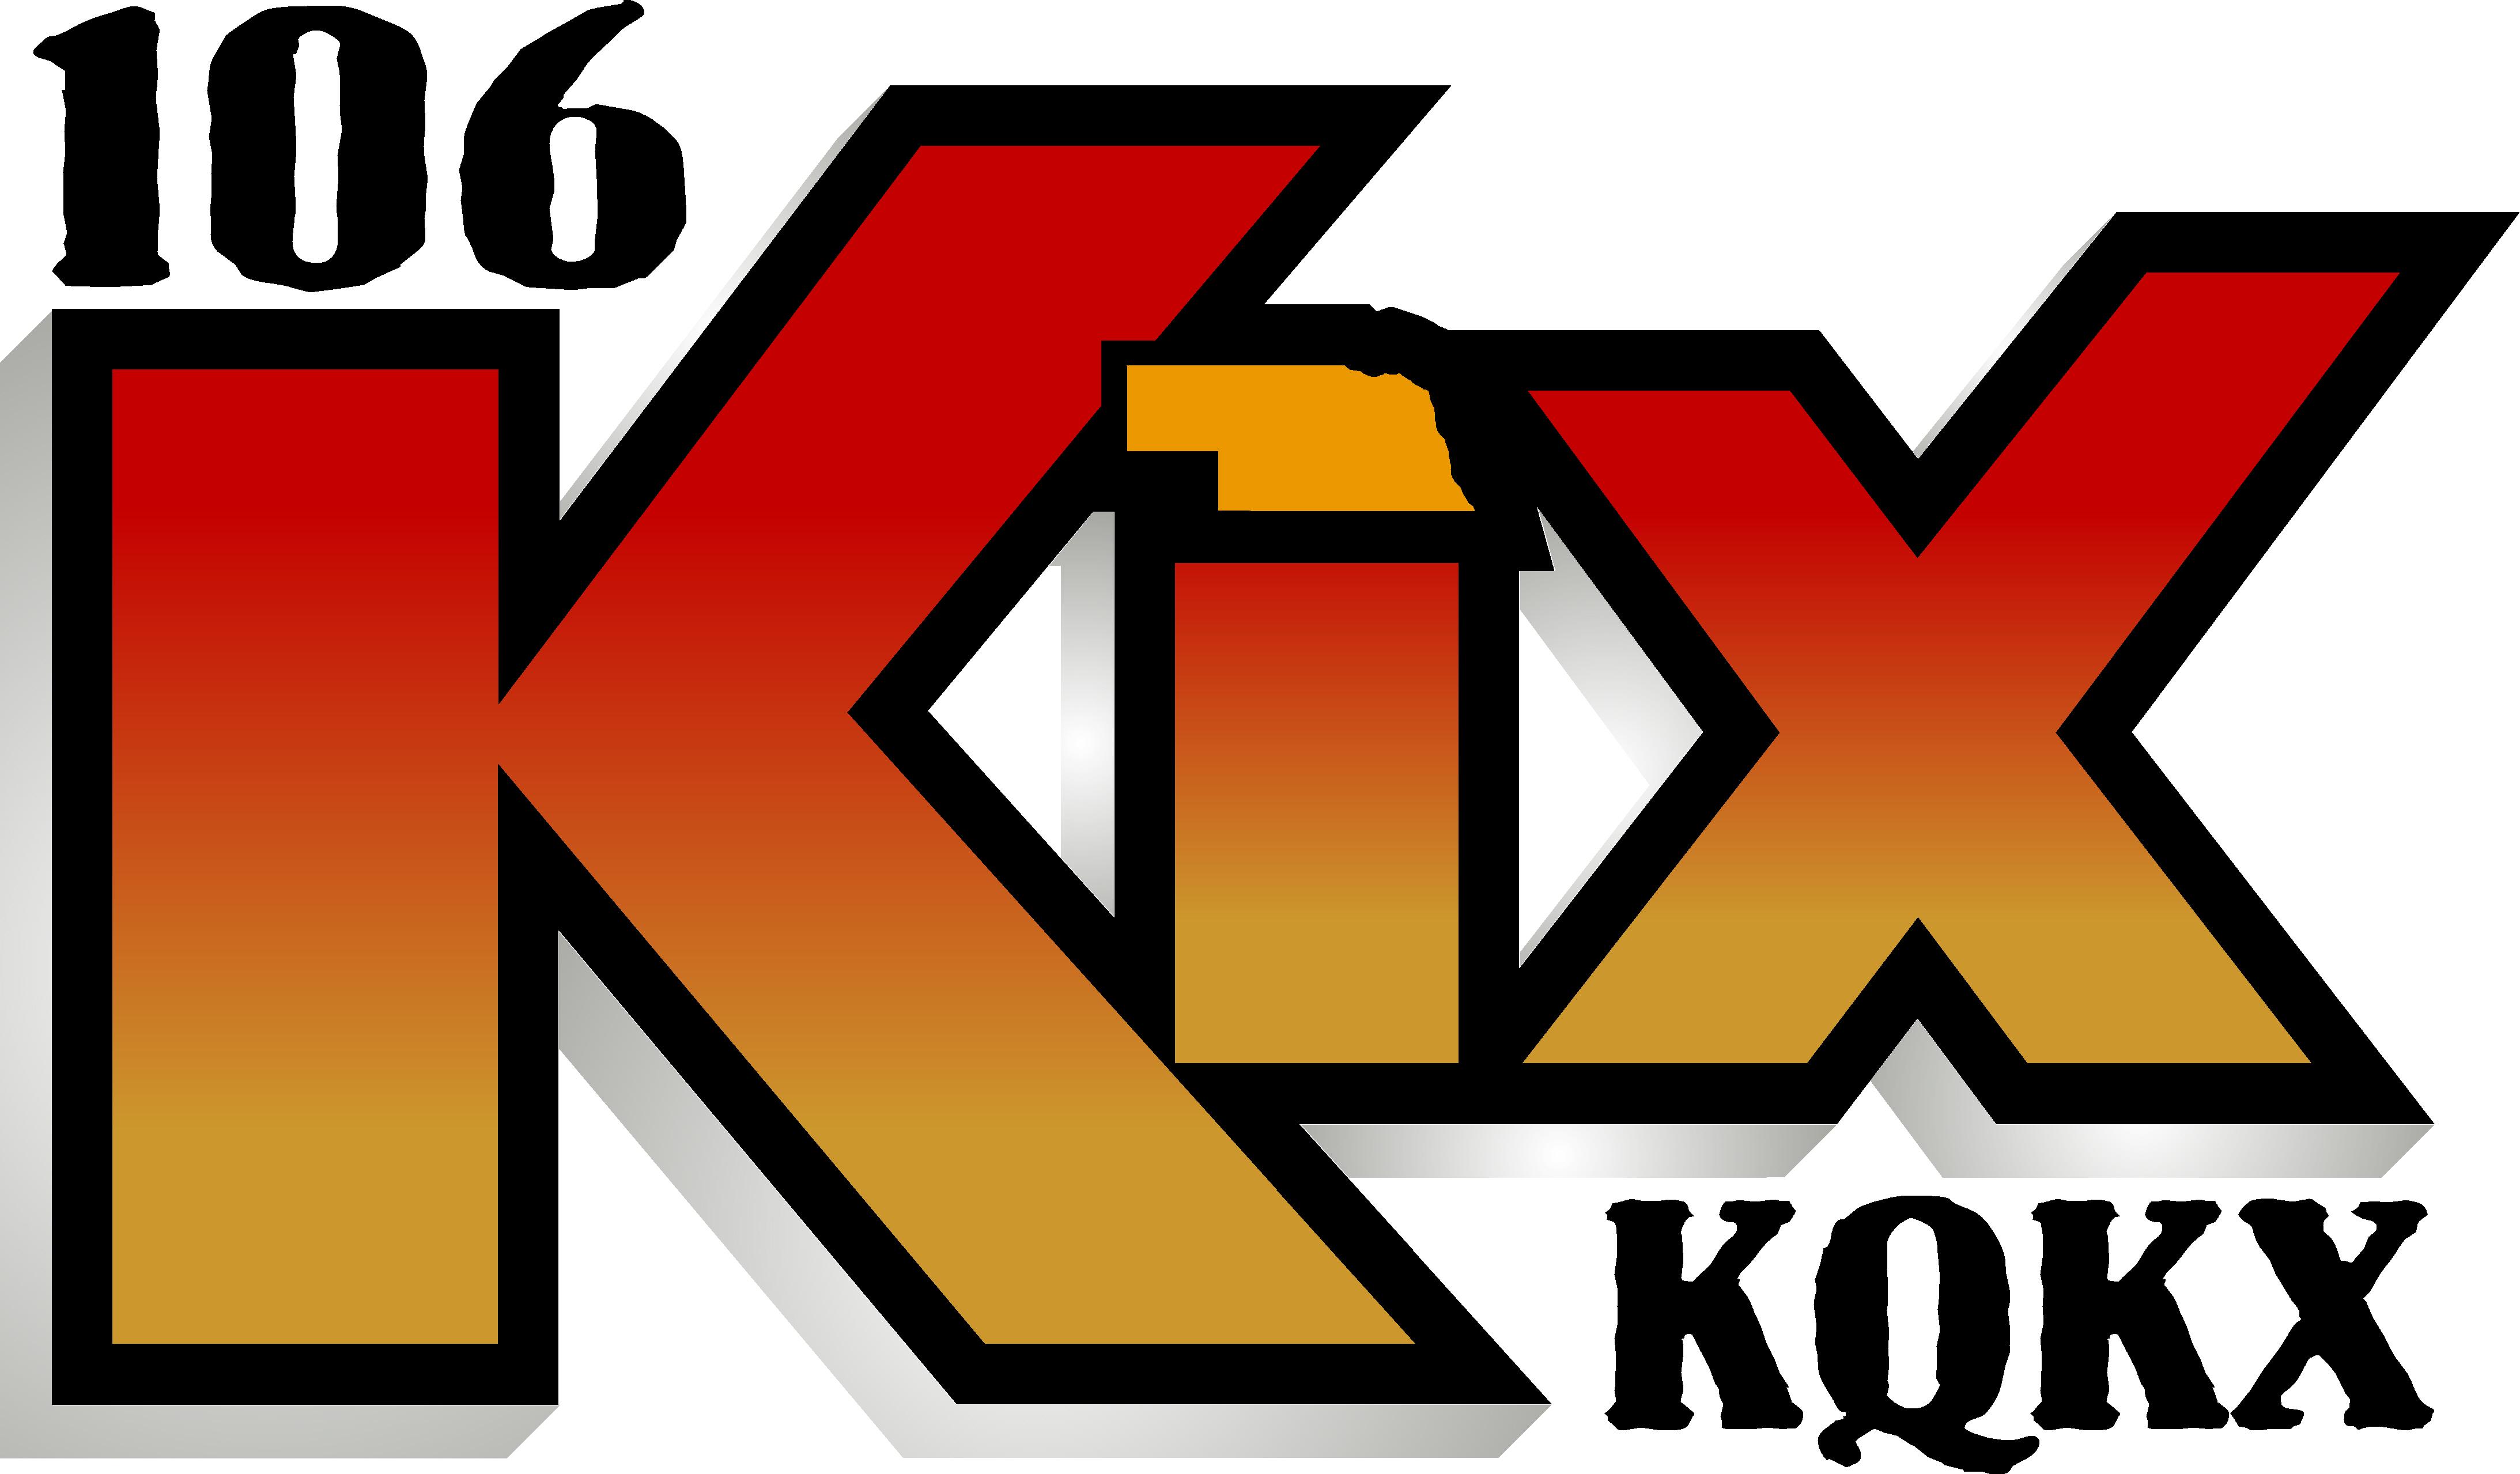 106 KIX